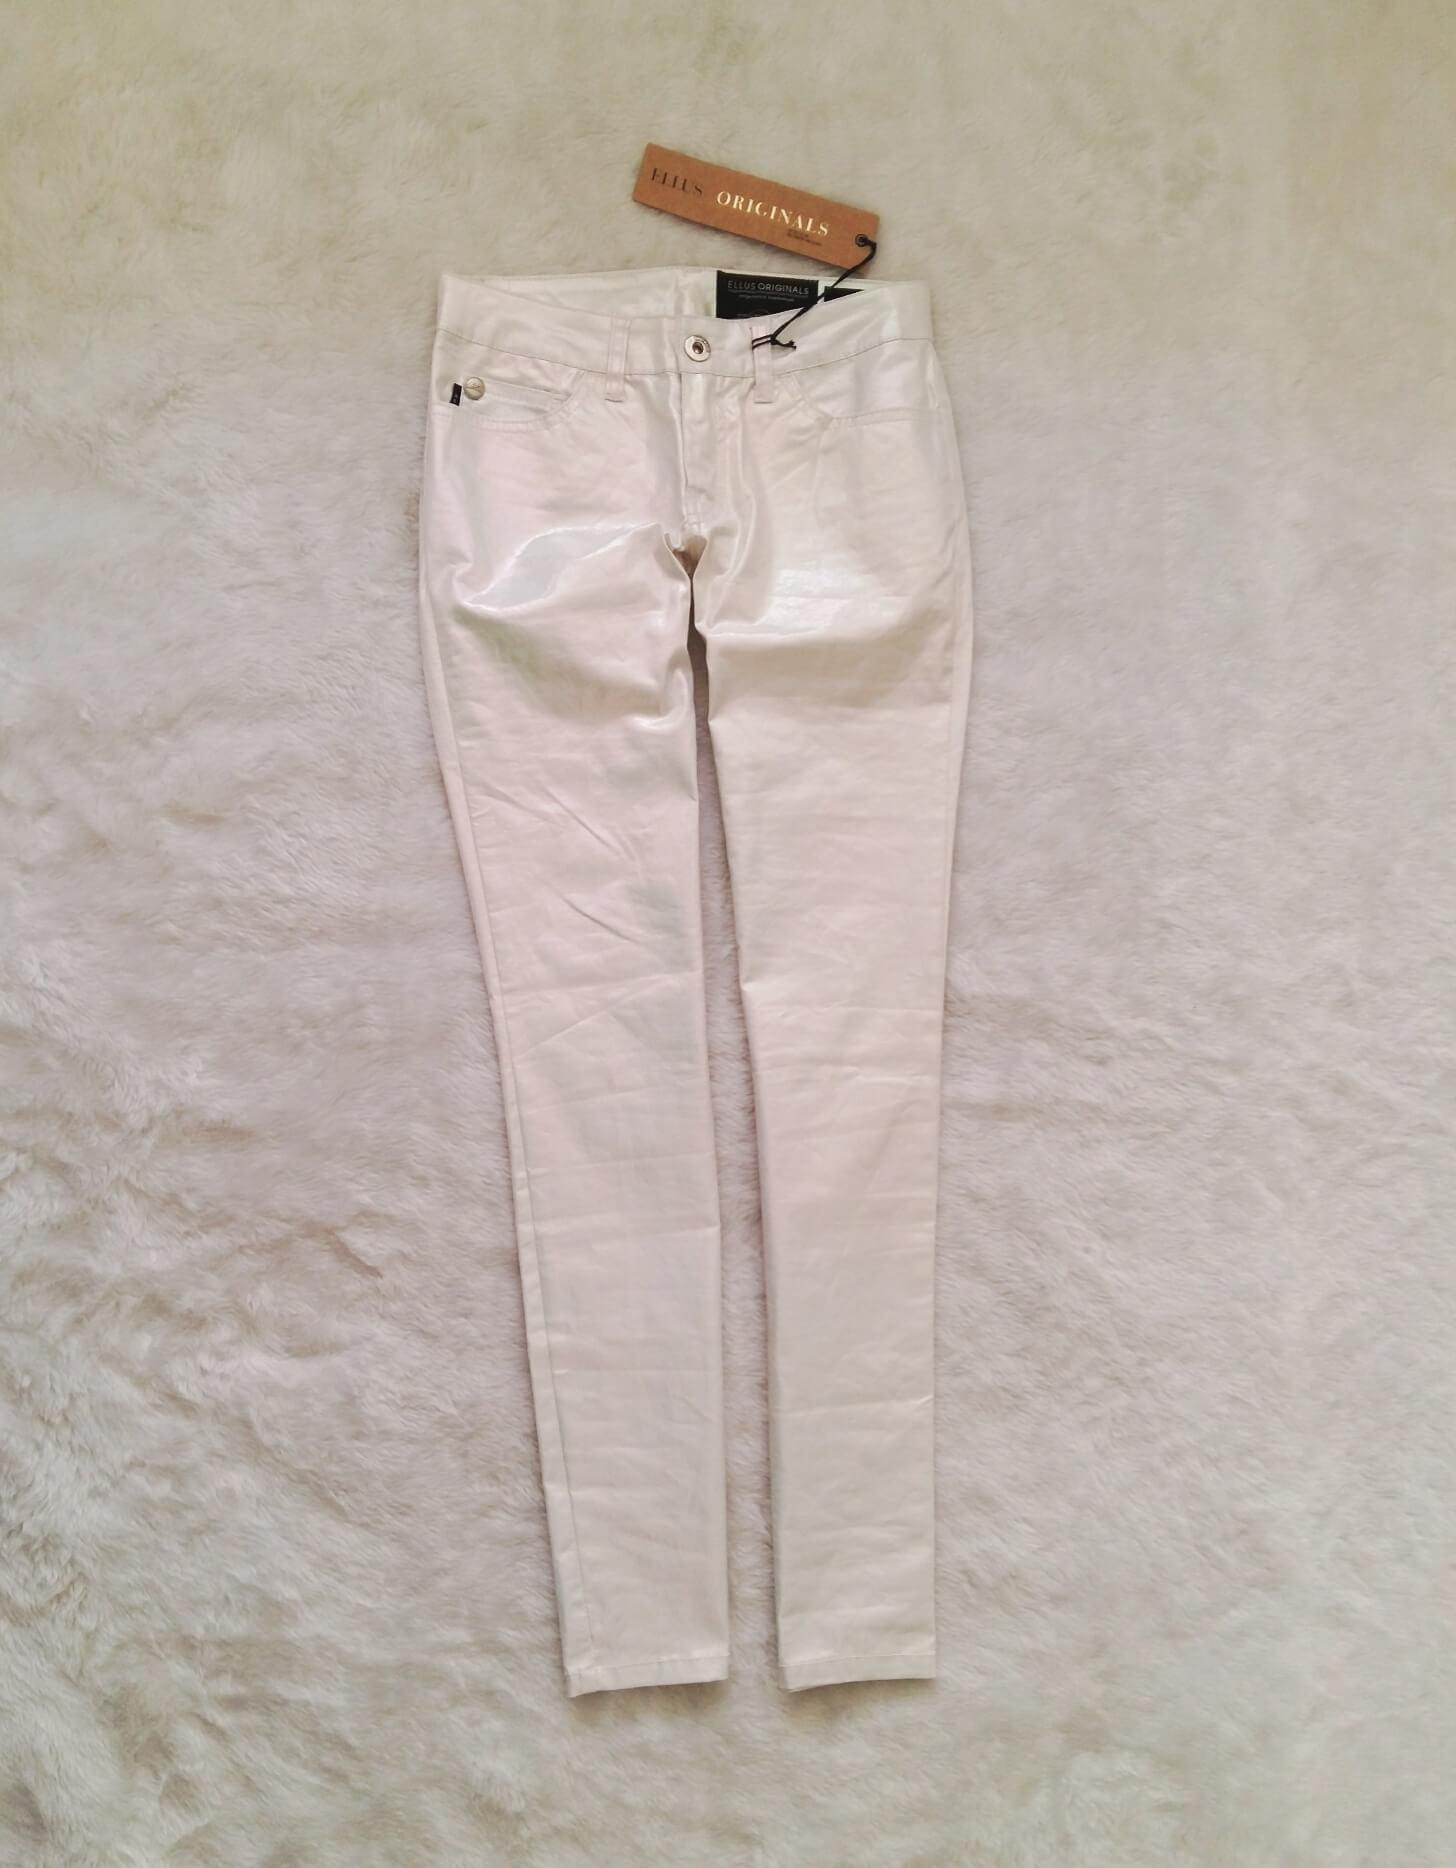 calca-ellus-branca-perolizada-000105